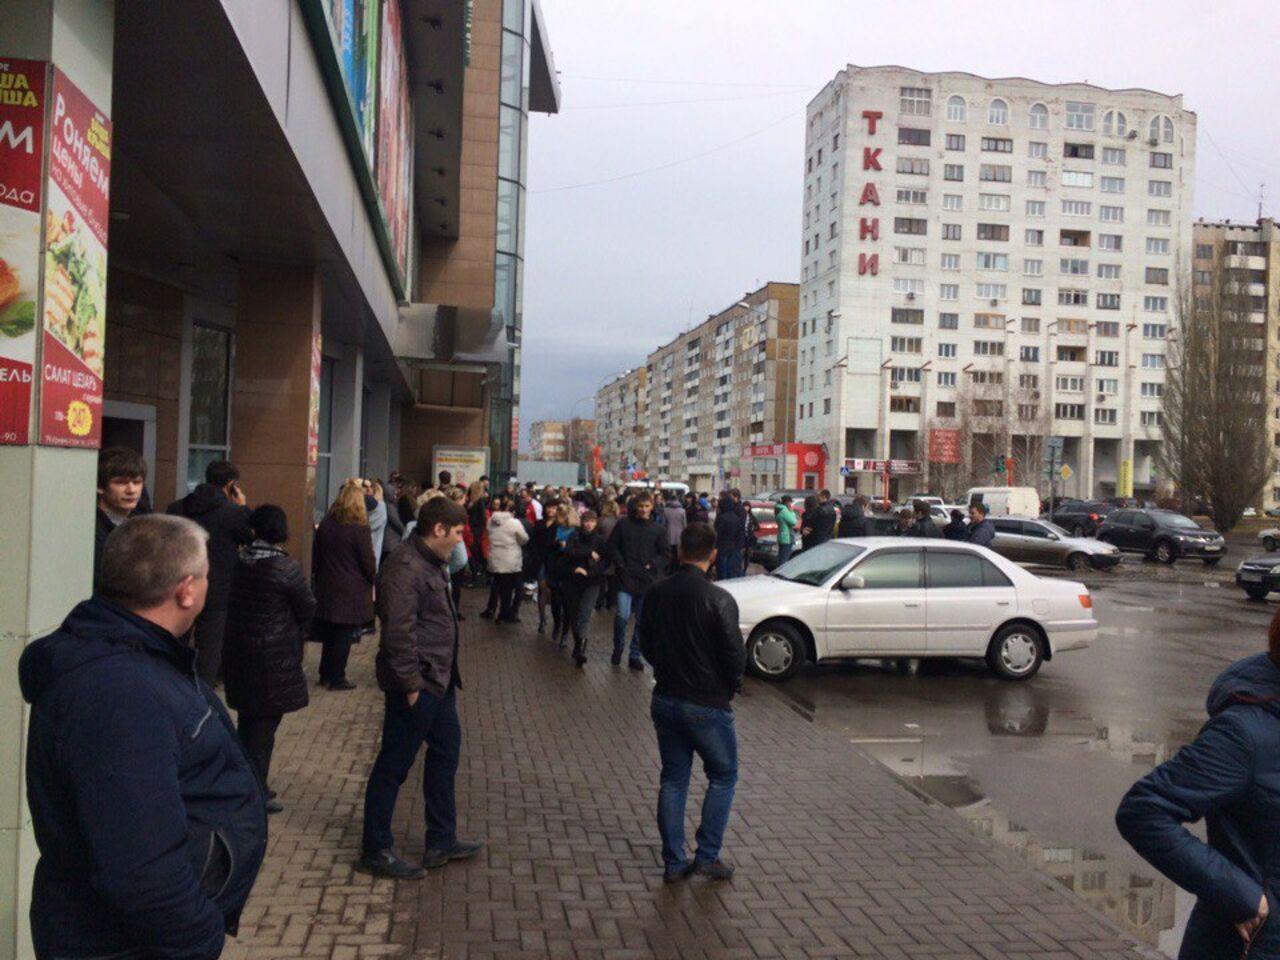 Вобластной столице эвакуировали торговый центр из-за подозрительного предмета